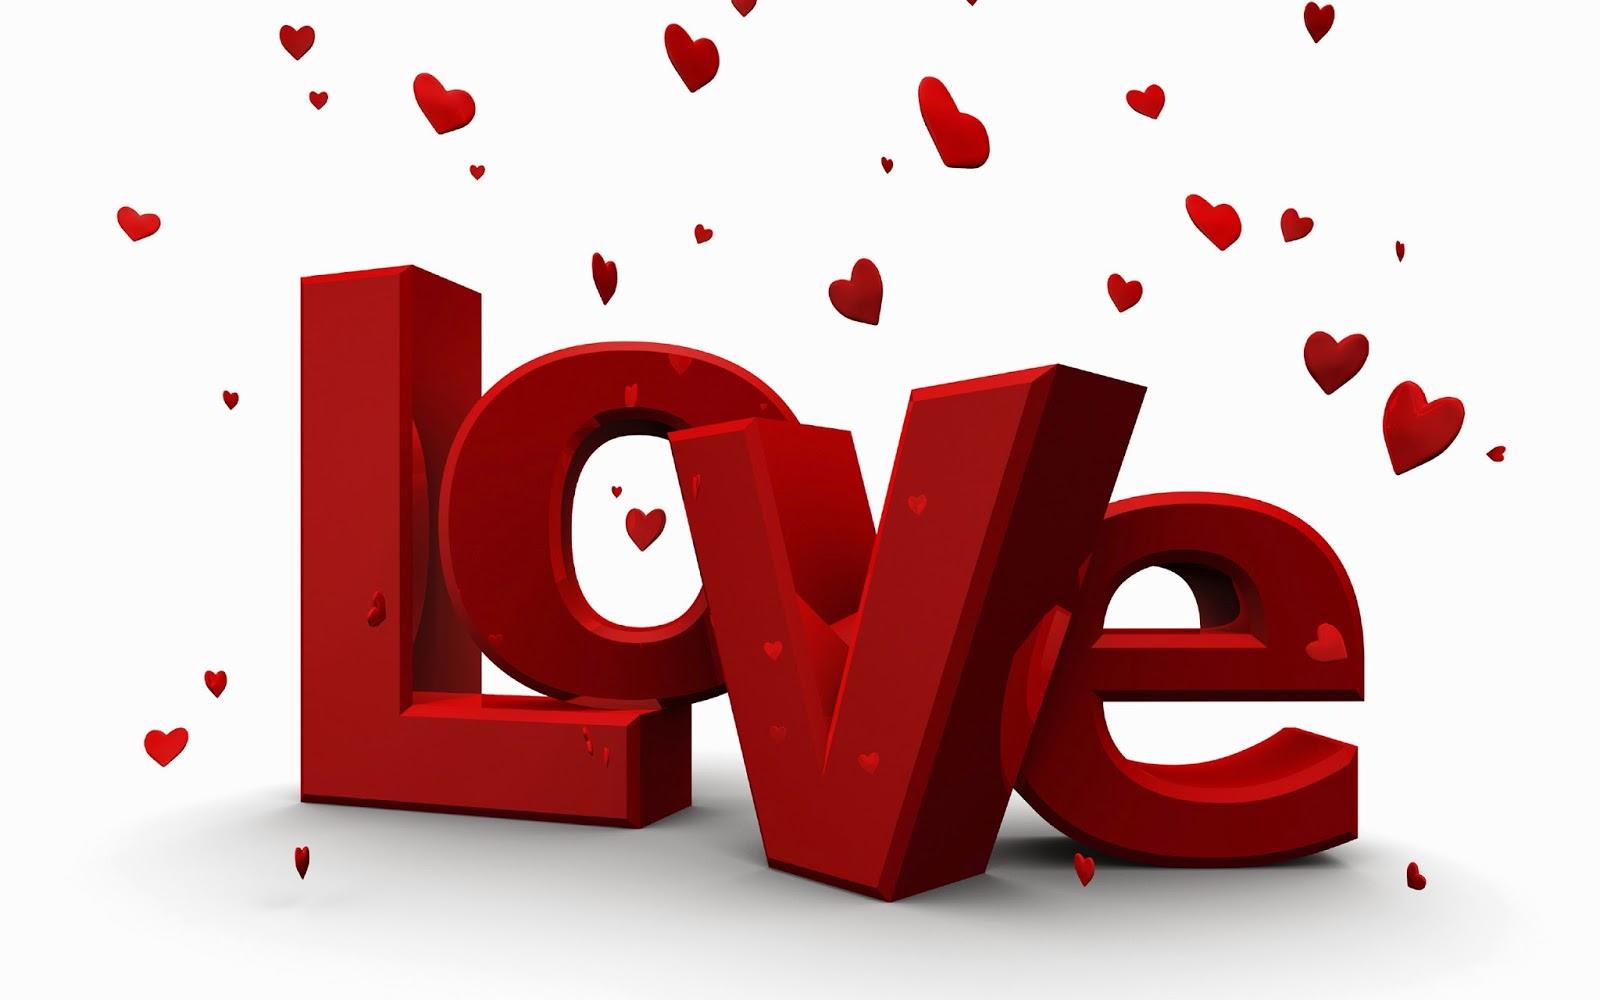 Valentines Day Desktop Wallpapers 2014